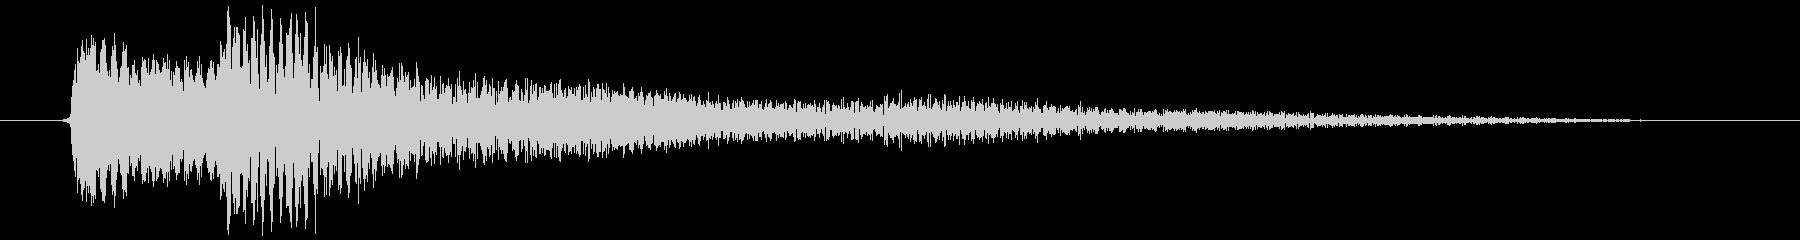 ちょっとしたエラー音・ダイアログ表示の音の未再生の波形